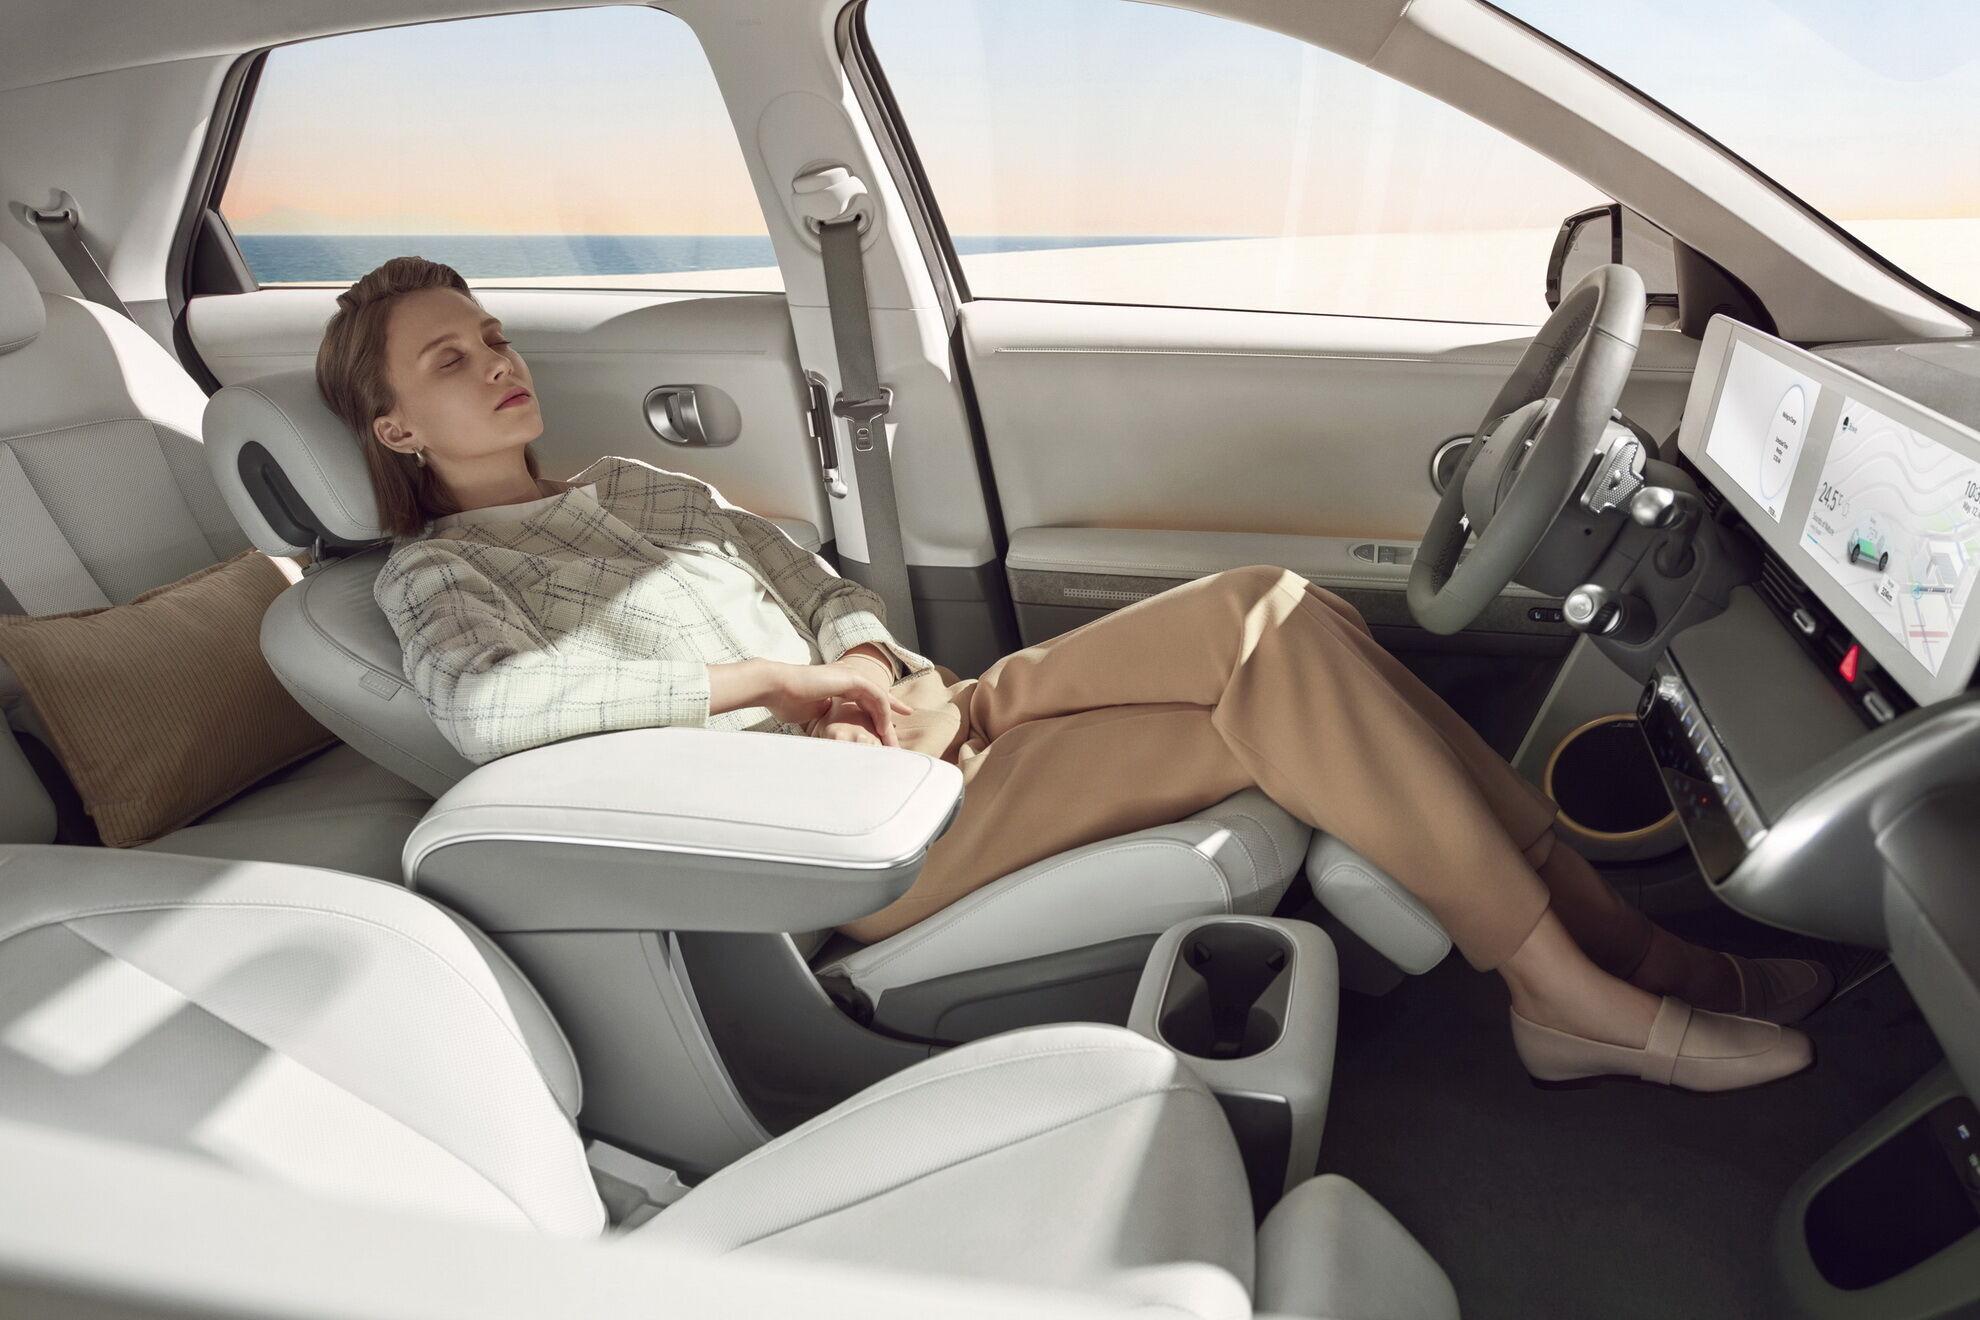 Комфорт водієві та передньому пасажирові забезпечать крісла з додатковою подушкою для відпочинку ніг